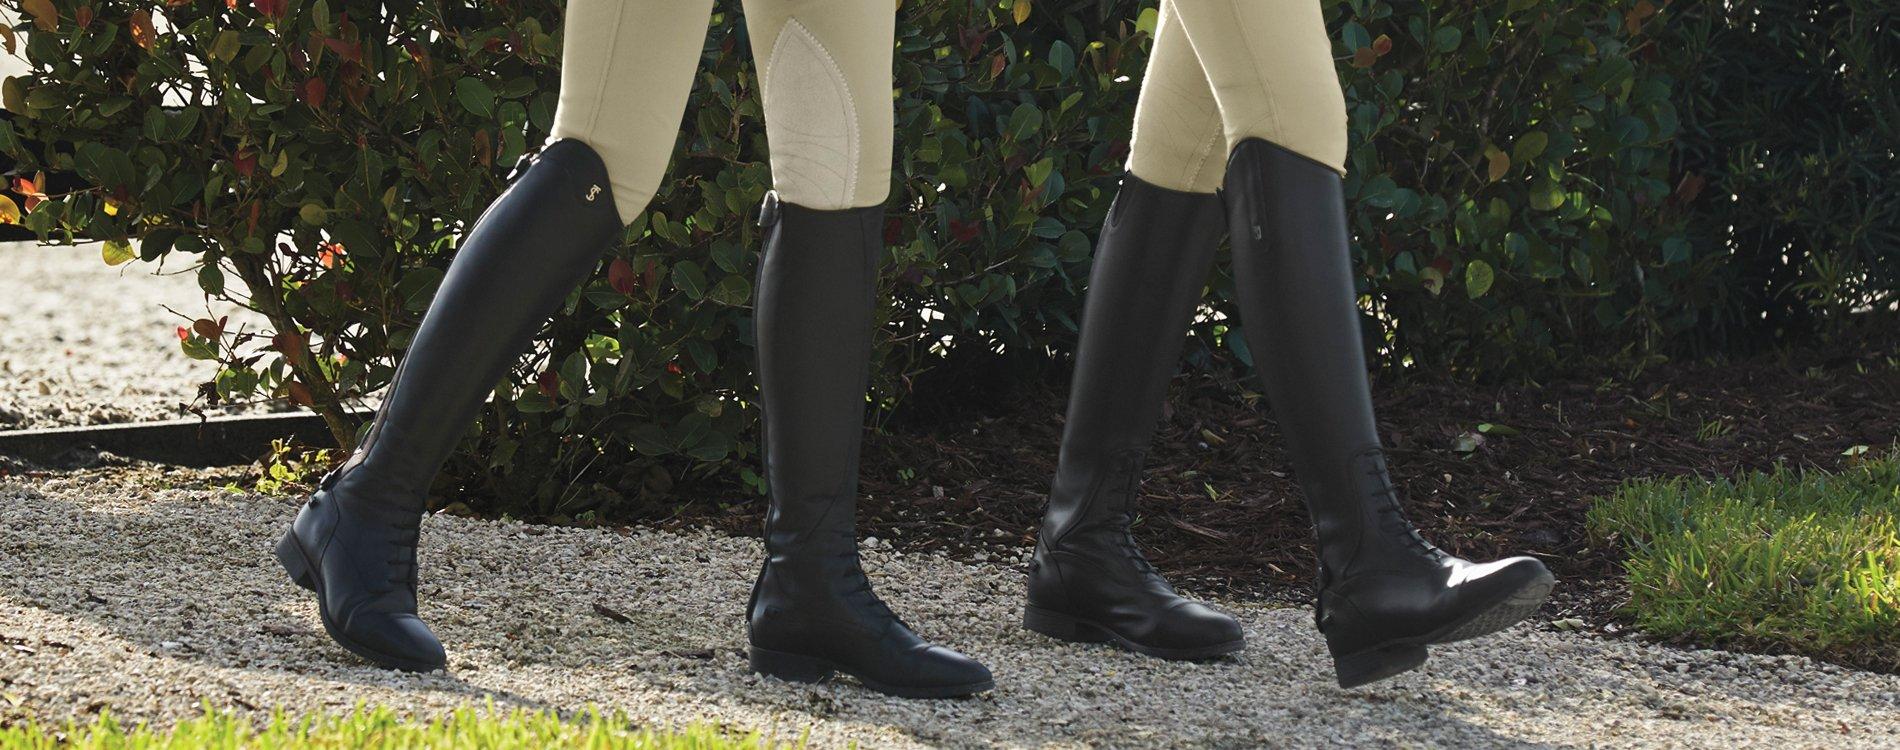 Details about  /Cavalcade Riding Boots-Maximus show original title